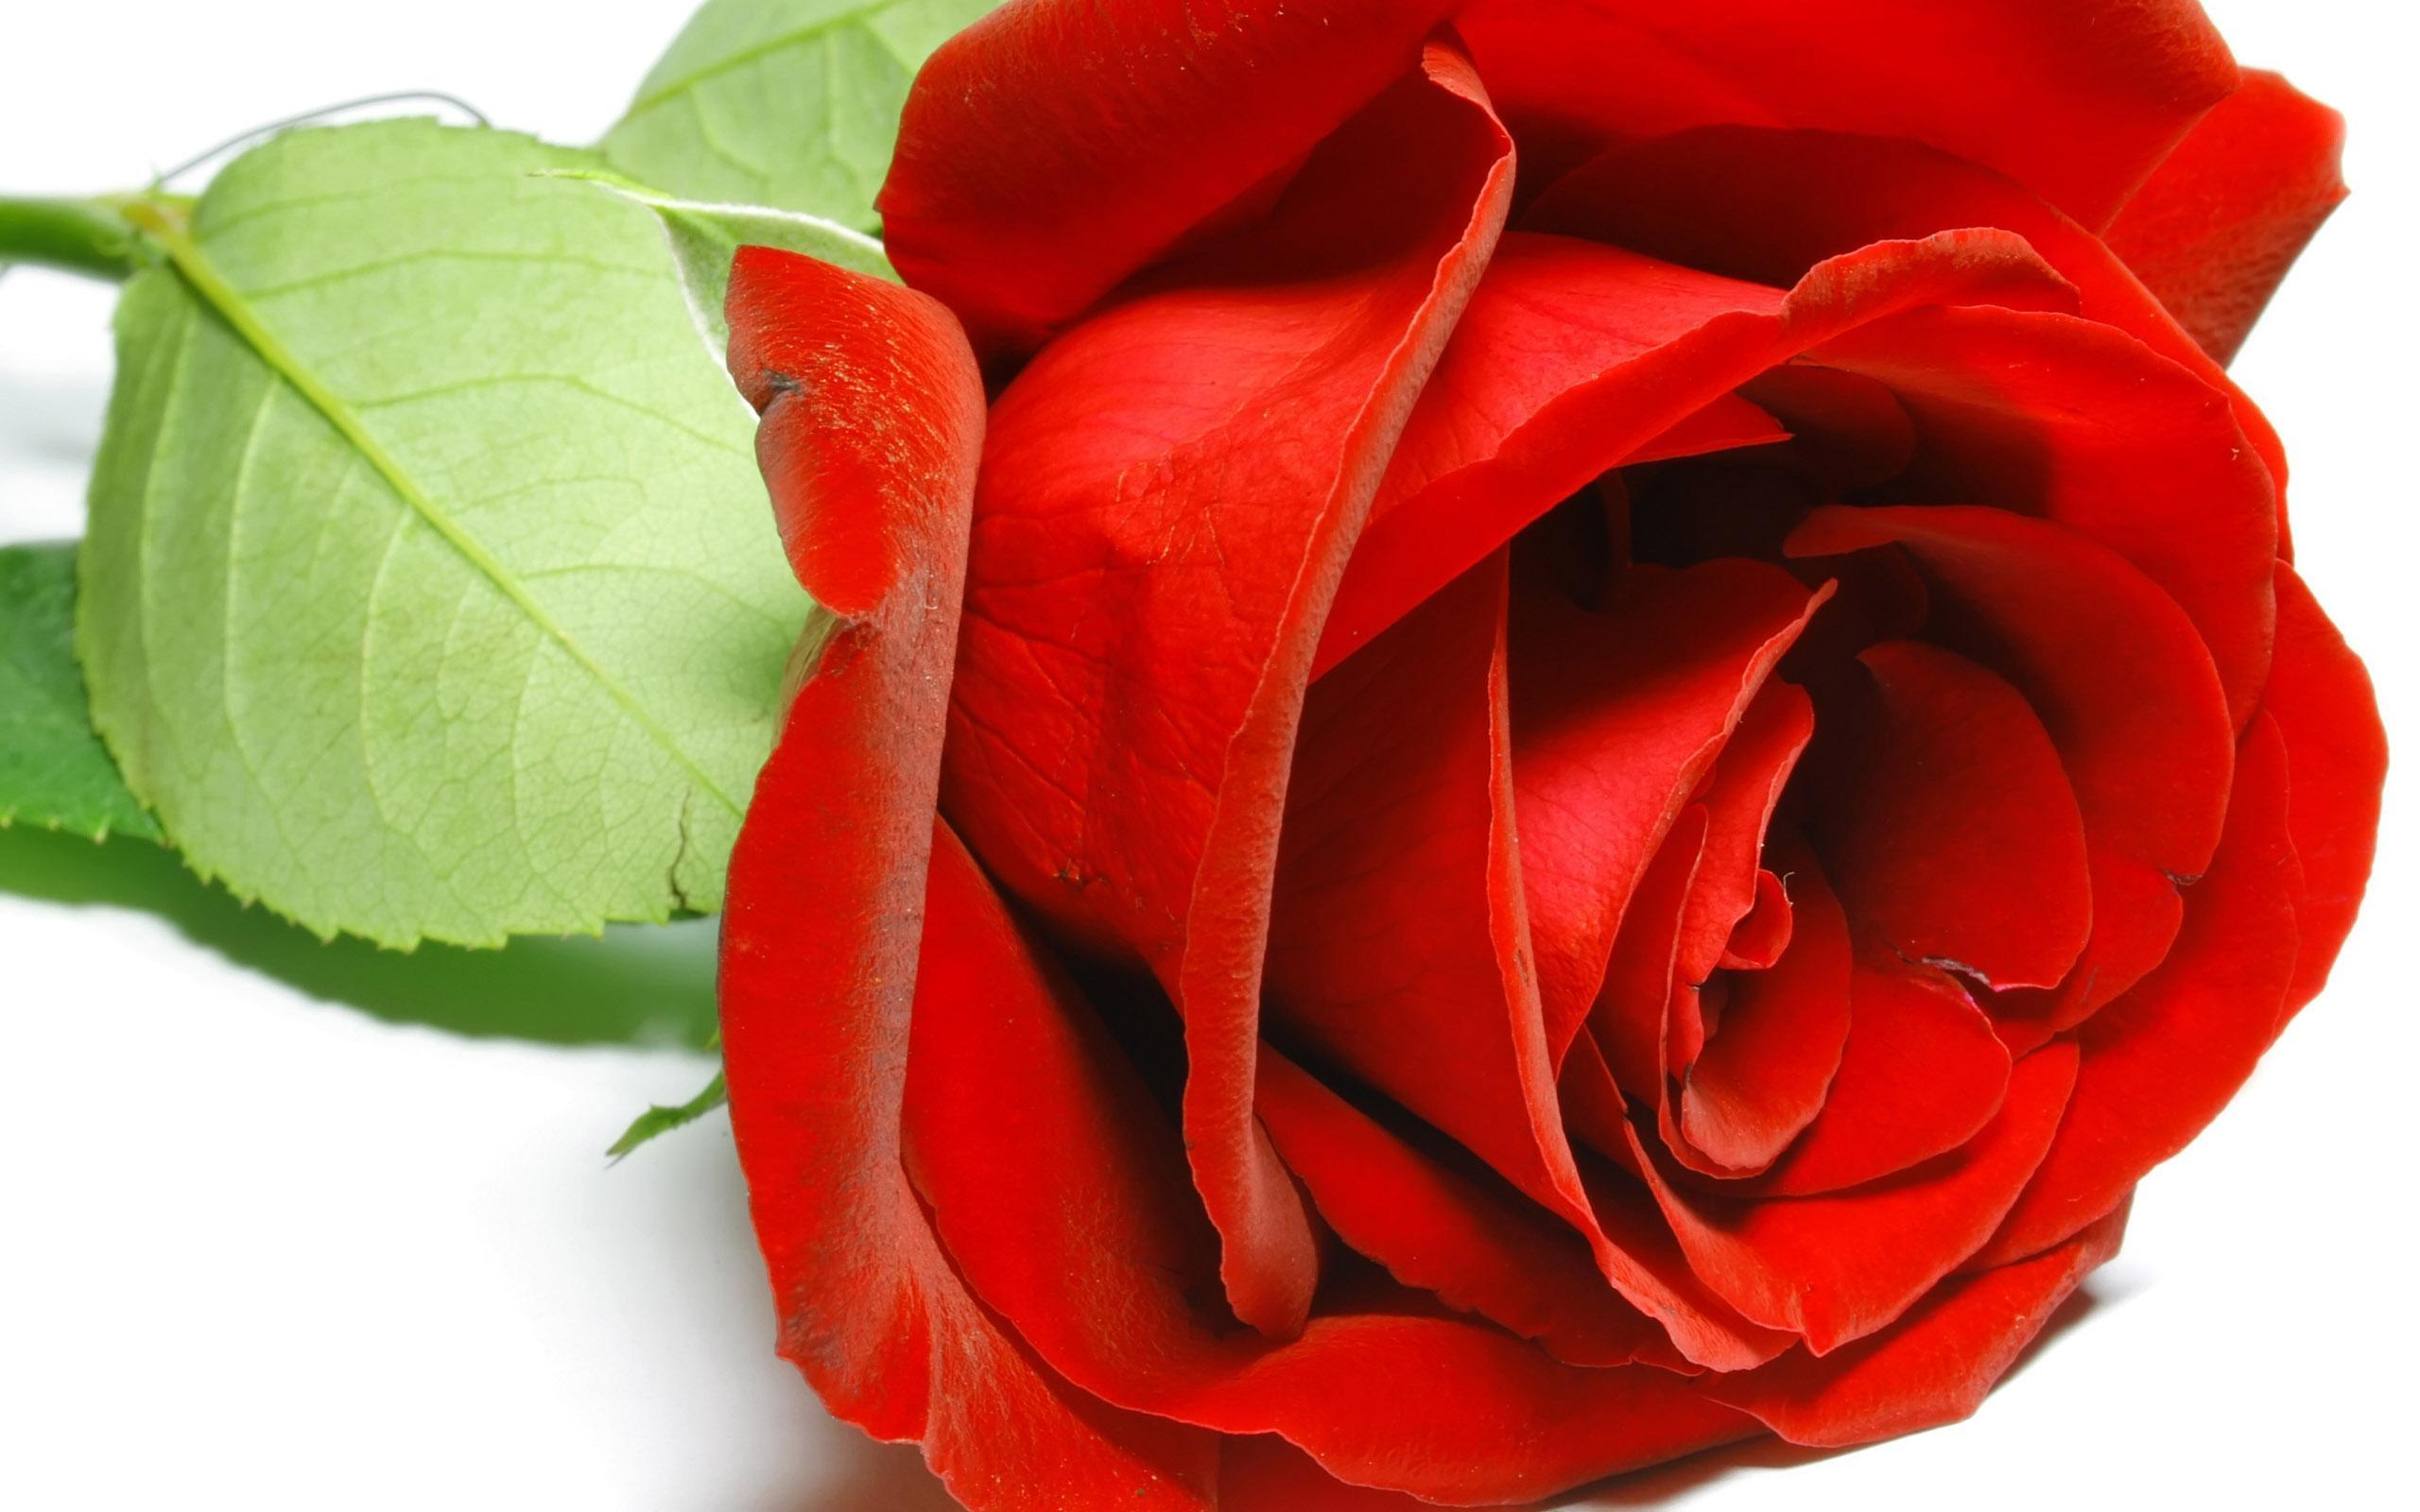 10889 скачать обои Растения, Цветы, Розы, Открытки - заставки и картинки бесплатно